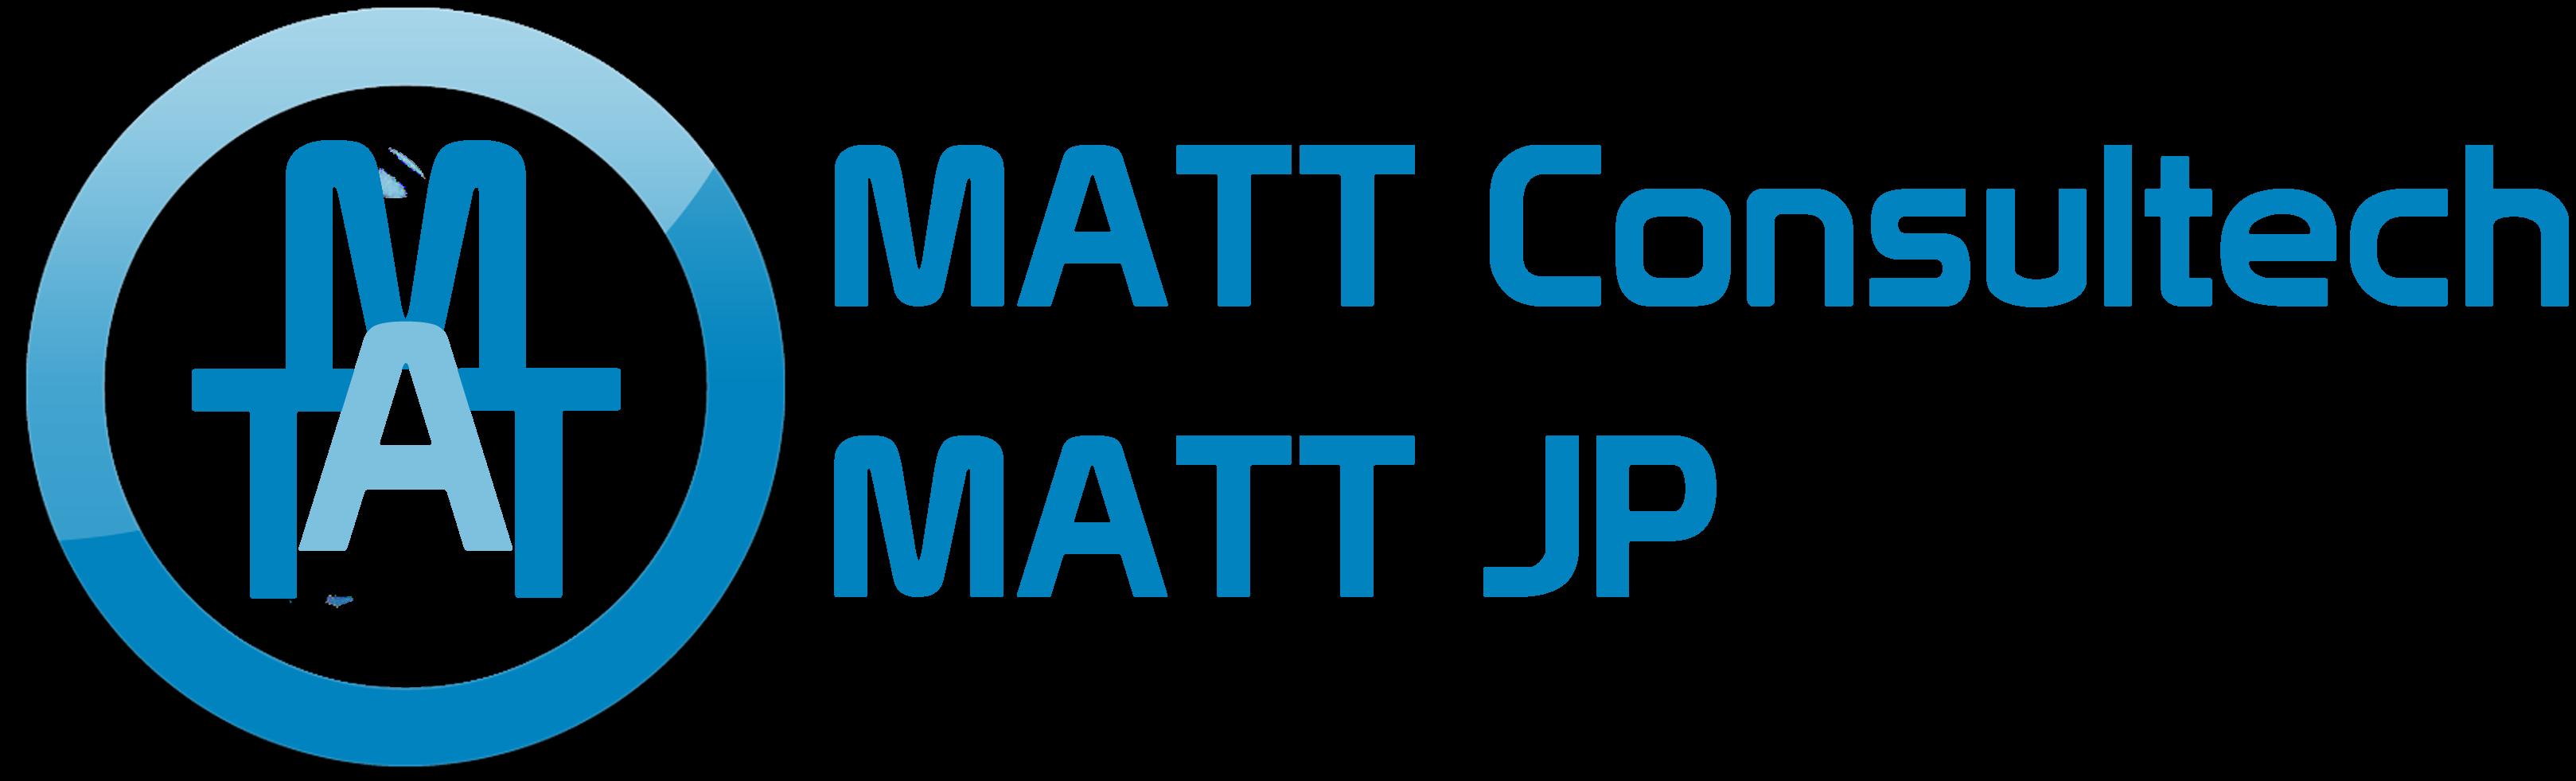 MATT Consultech